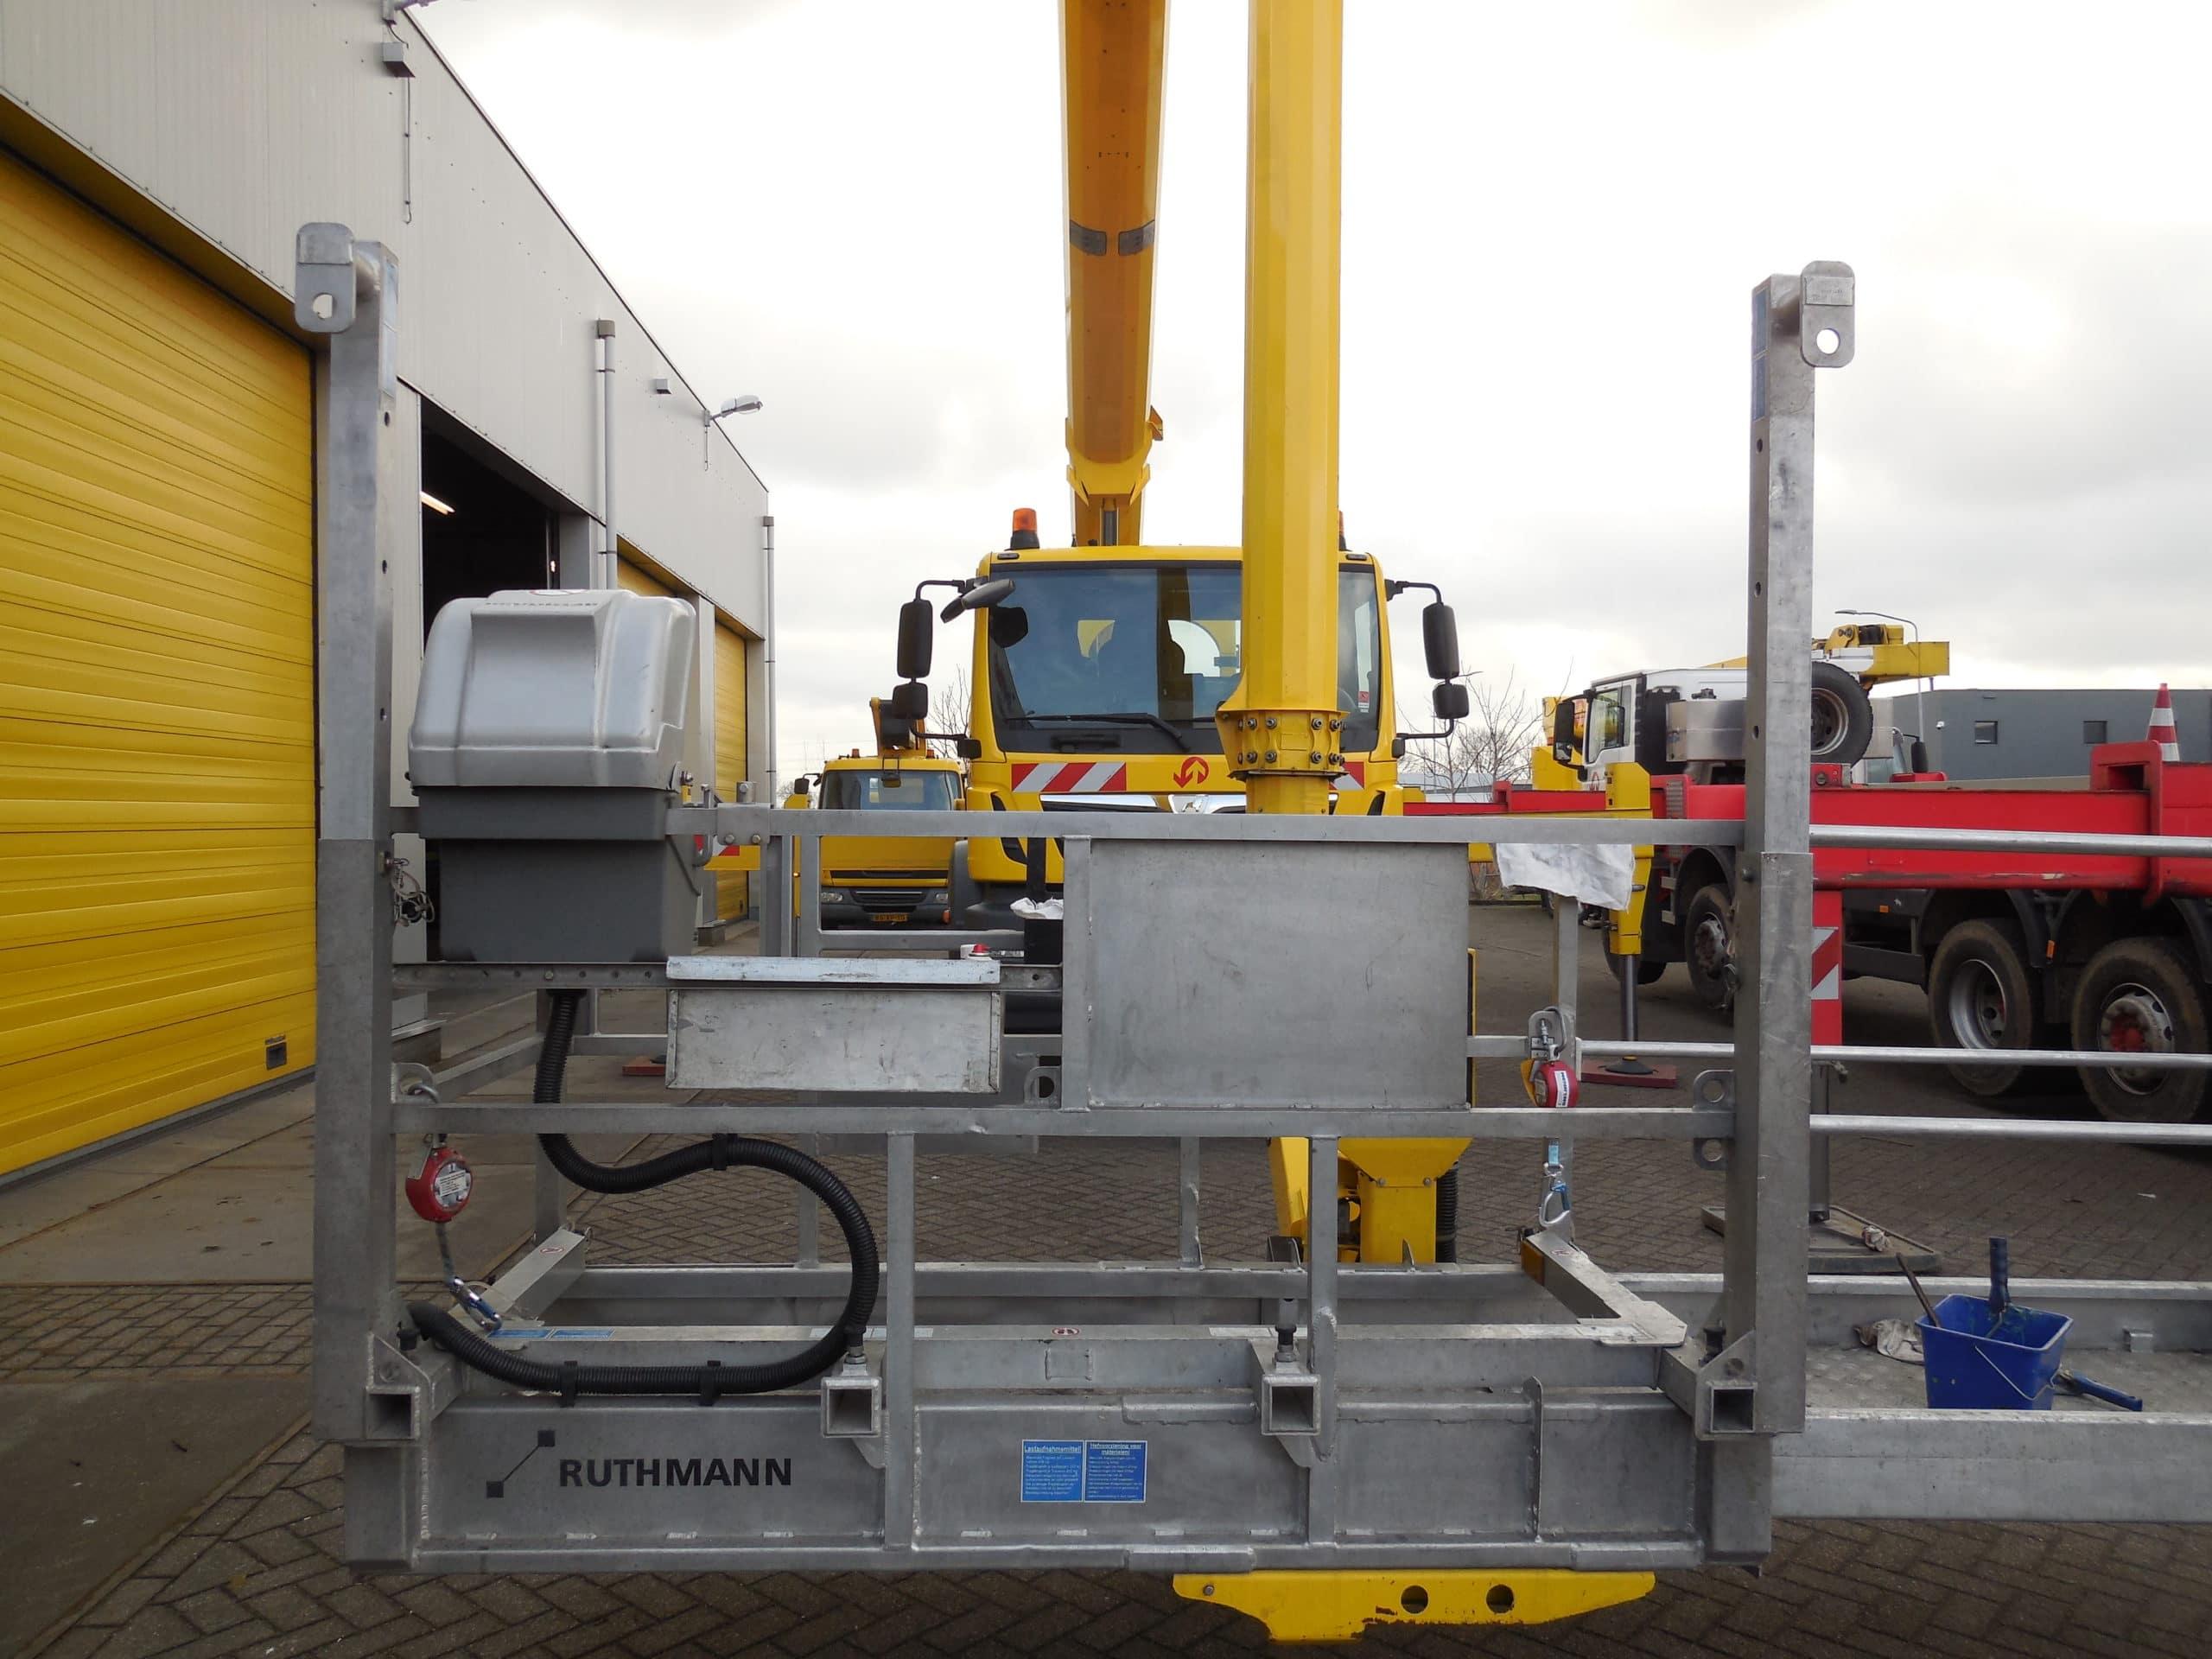 Lift-up systeem tot 600 kg buiten de gondel (6)